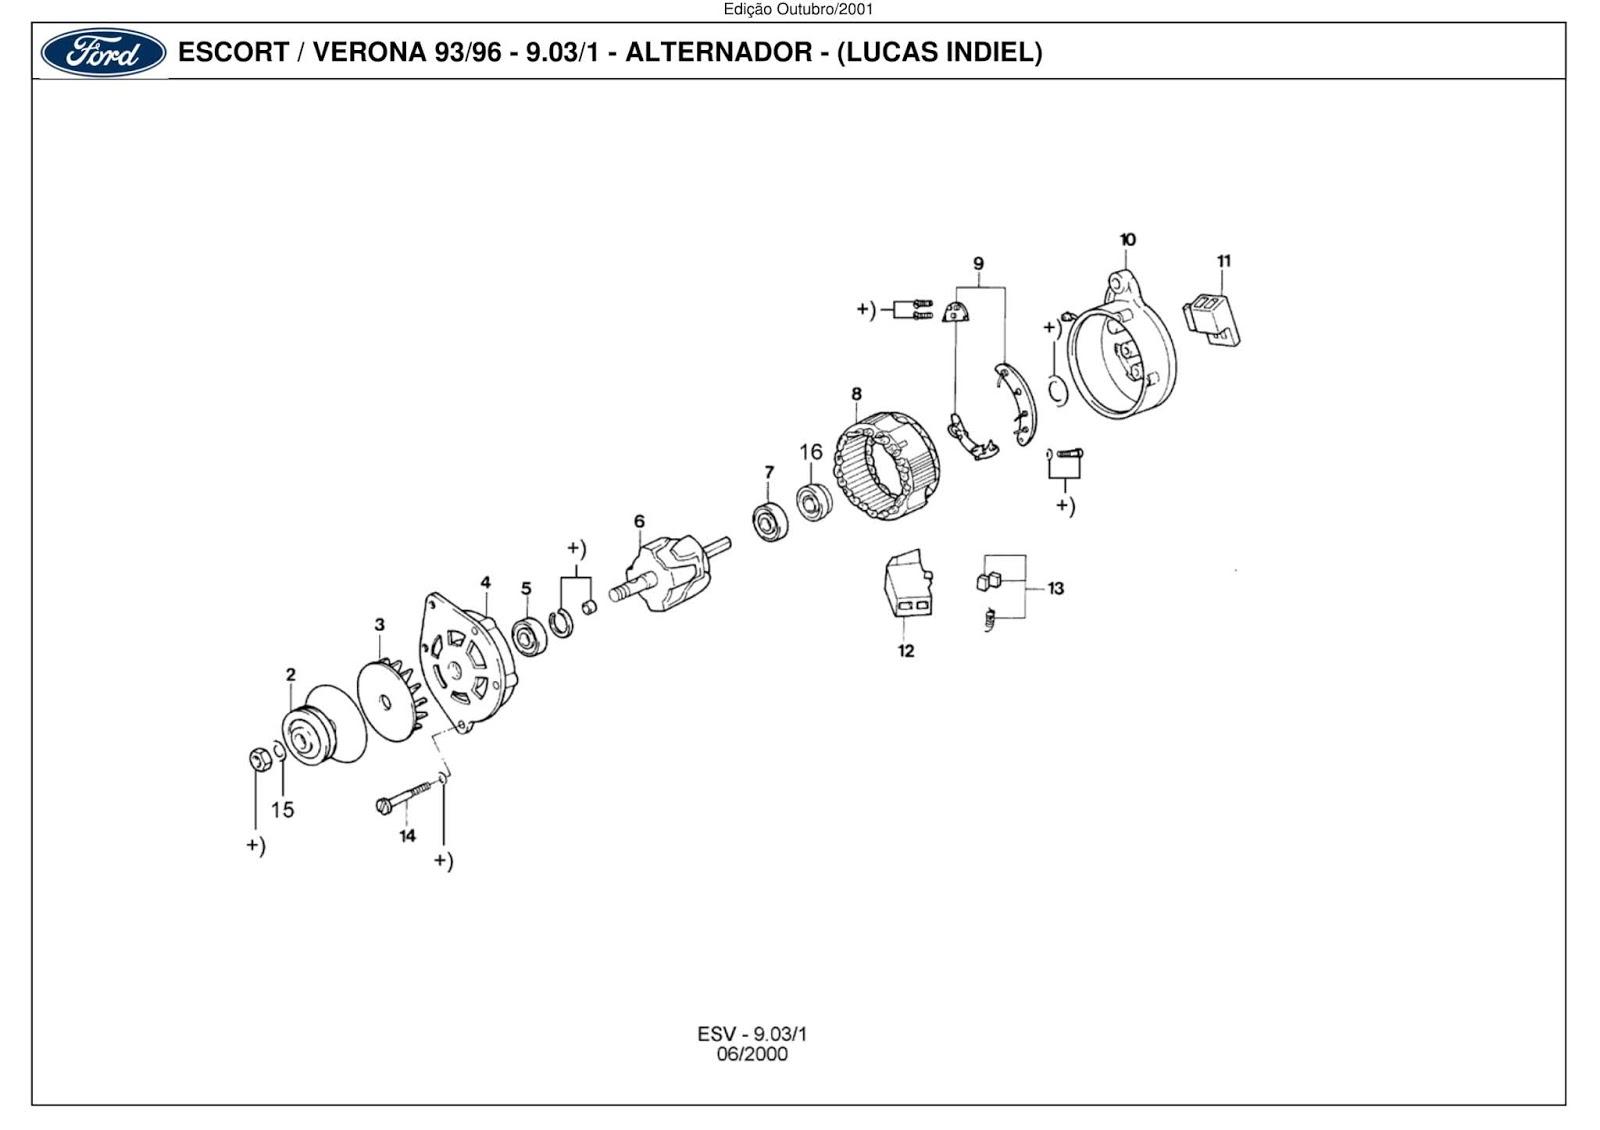 MANUAIS DO PROPRIETÁRIO: CATÁLOGO DE PEÇAS FORD VERONA 93